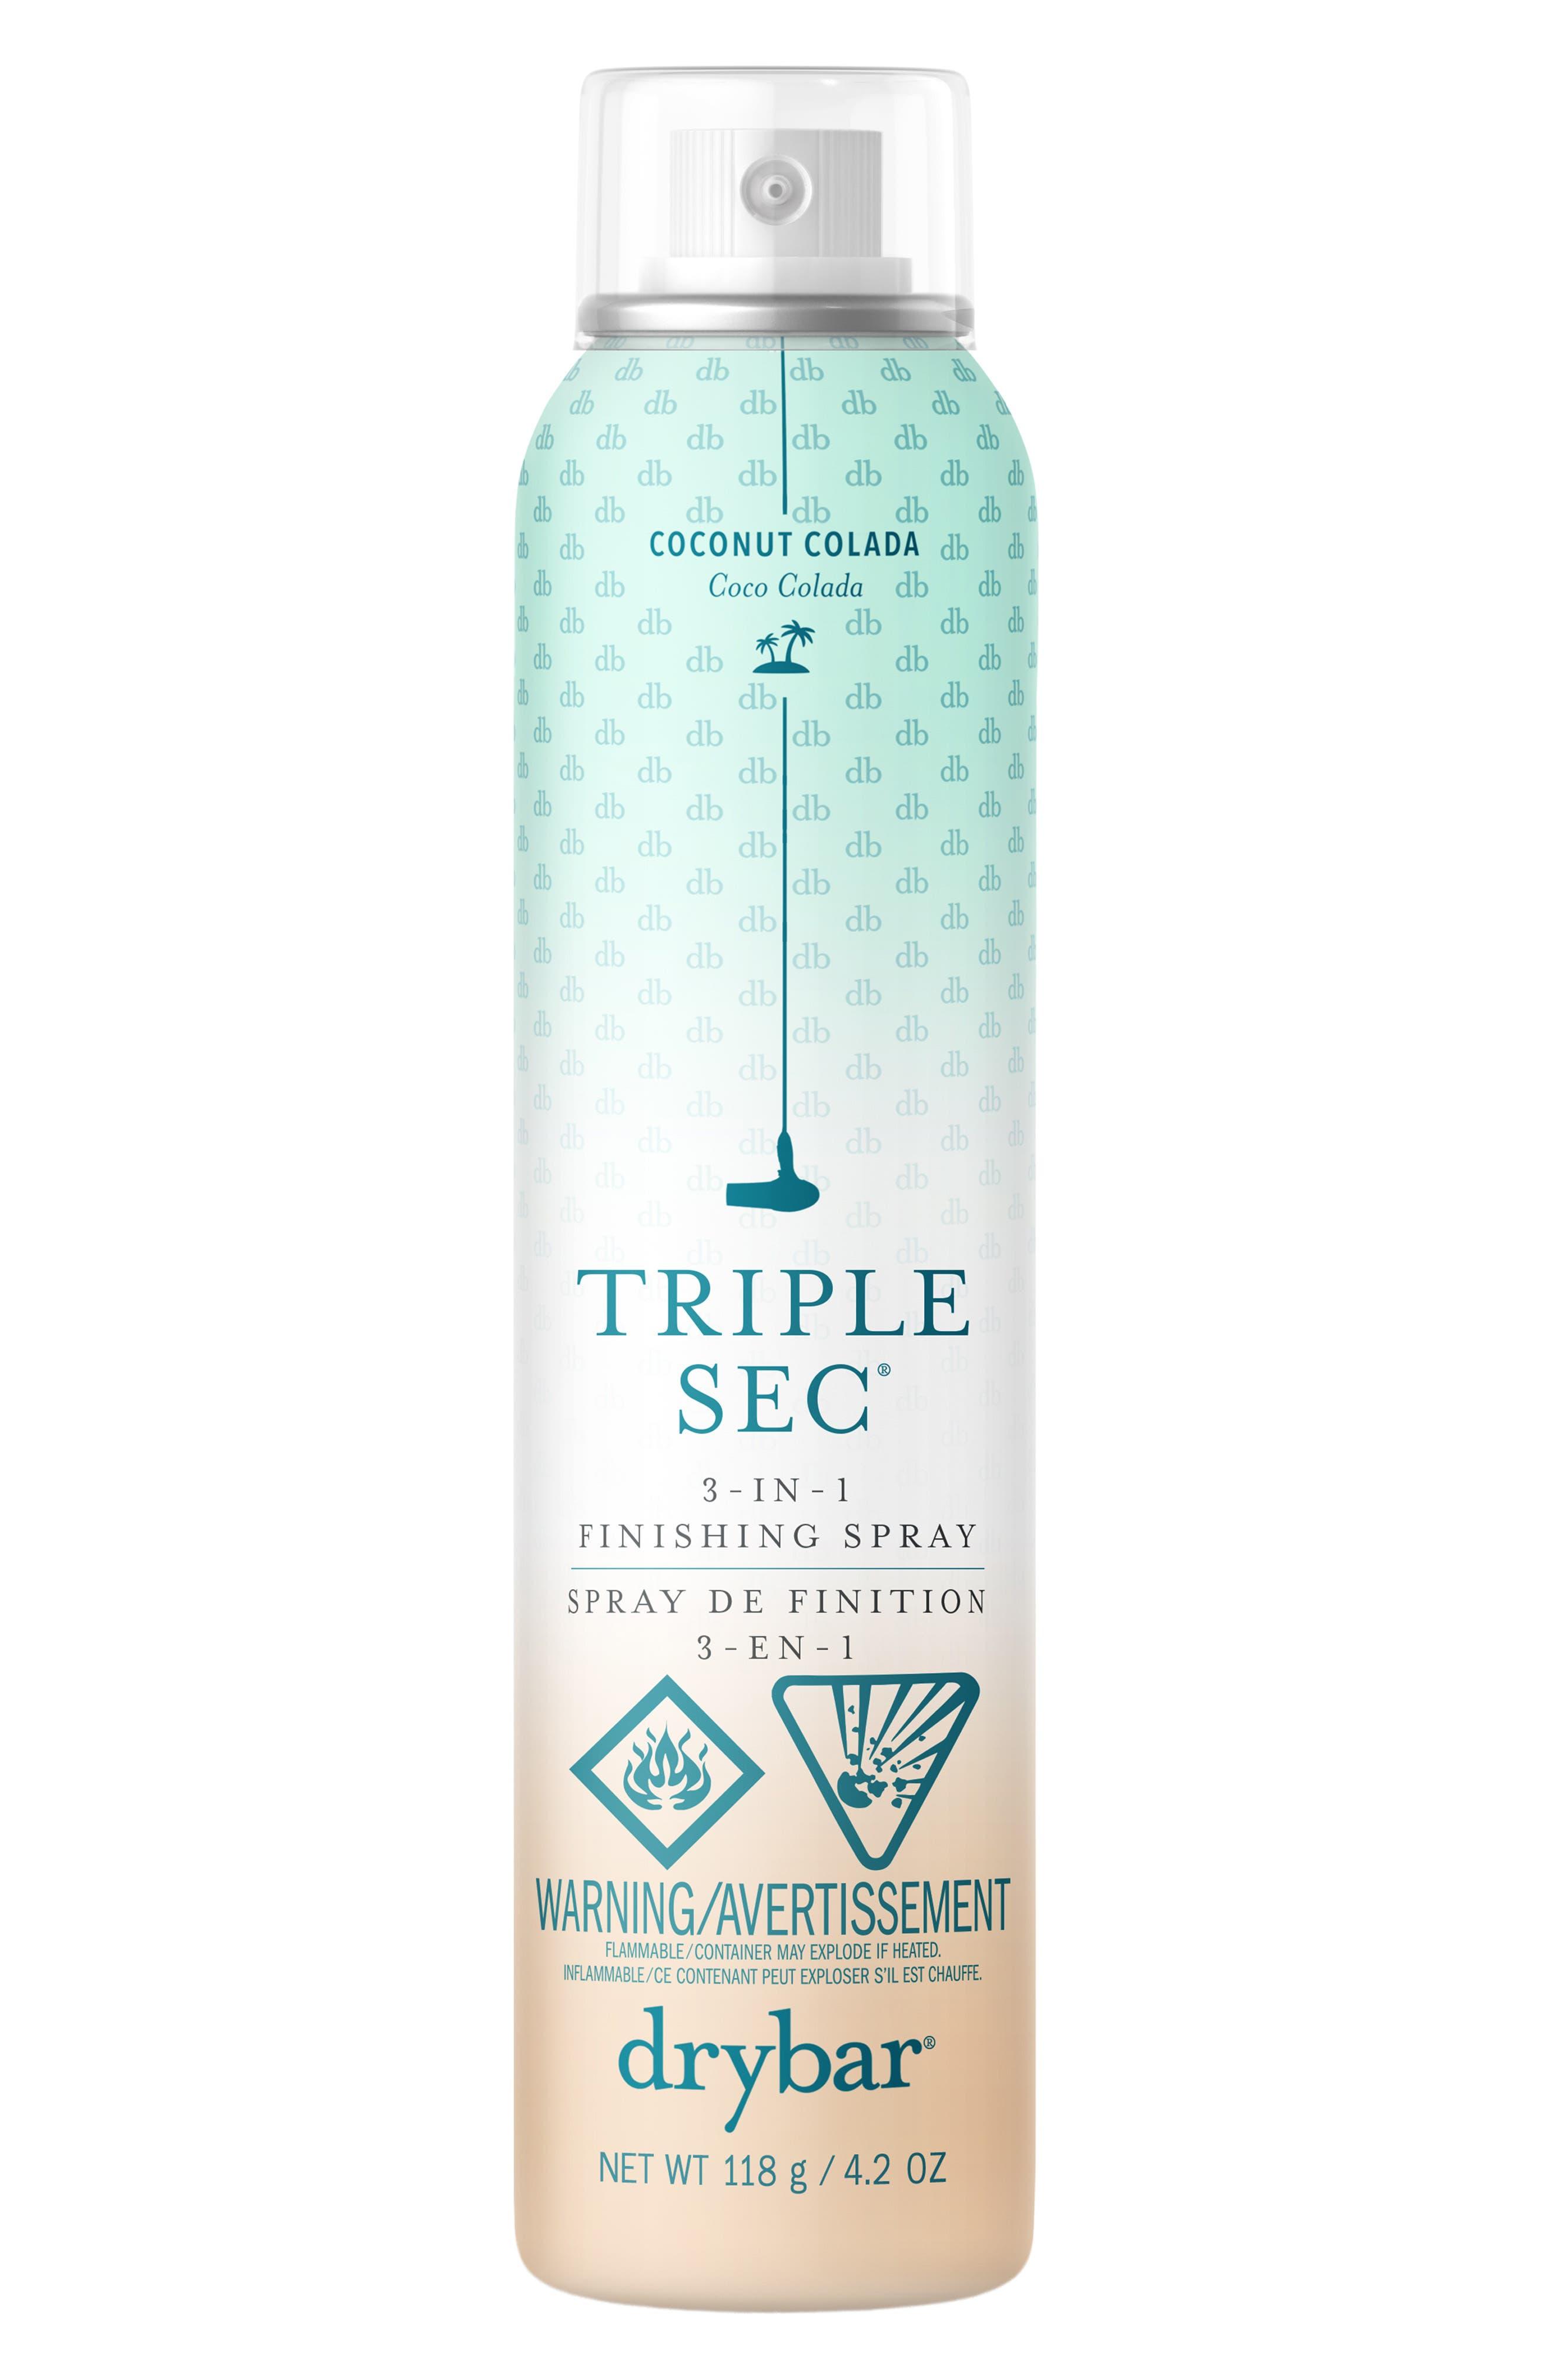 Triple Sec Coconut Colada 3-In-1 Finishing Spray